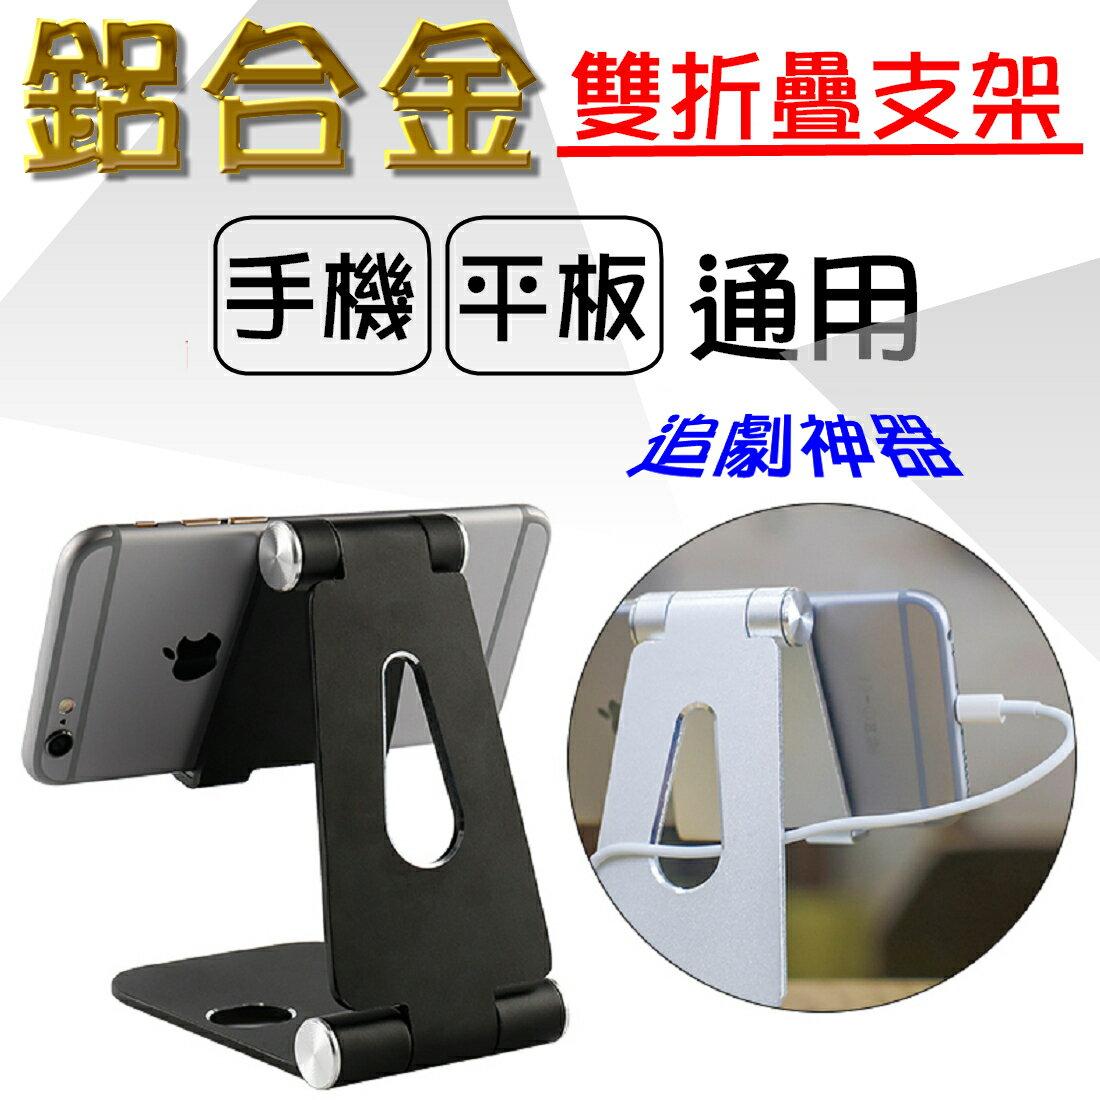 ~送收納袋 附發票~超穩 雙折疊 鋁合金 手機平板支架 懶人支架 手機充電座 桌上型支架